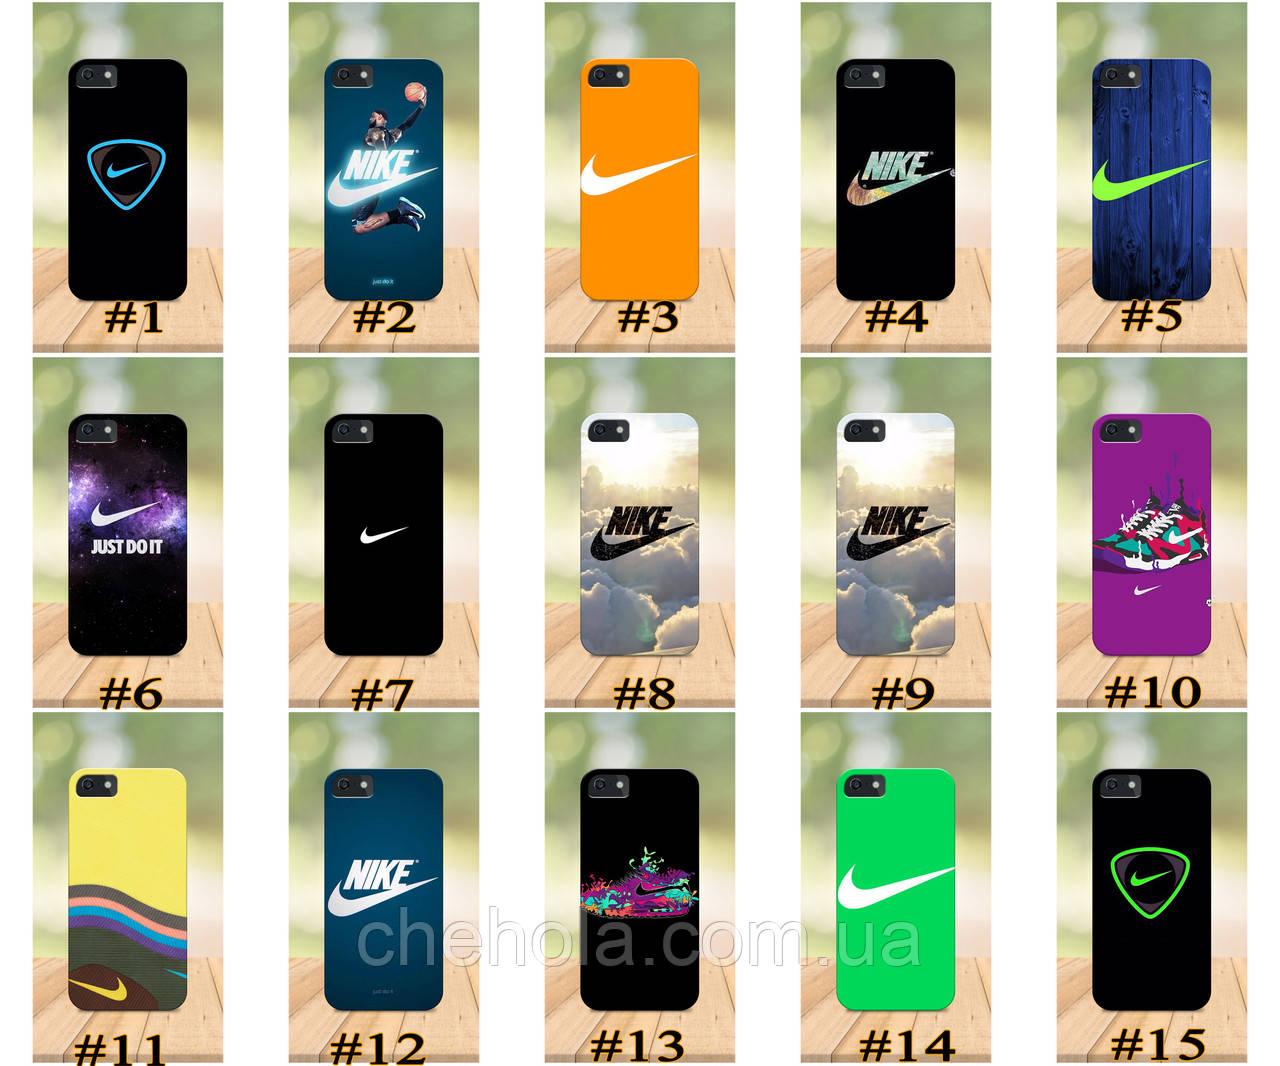 Чехол на iPhone 5 5s SE 4 4S бампер накладка с принтом в стиле Nike Найк